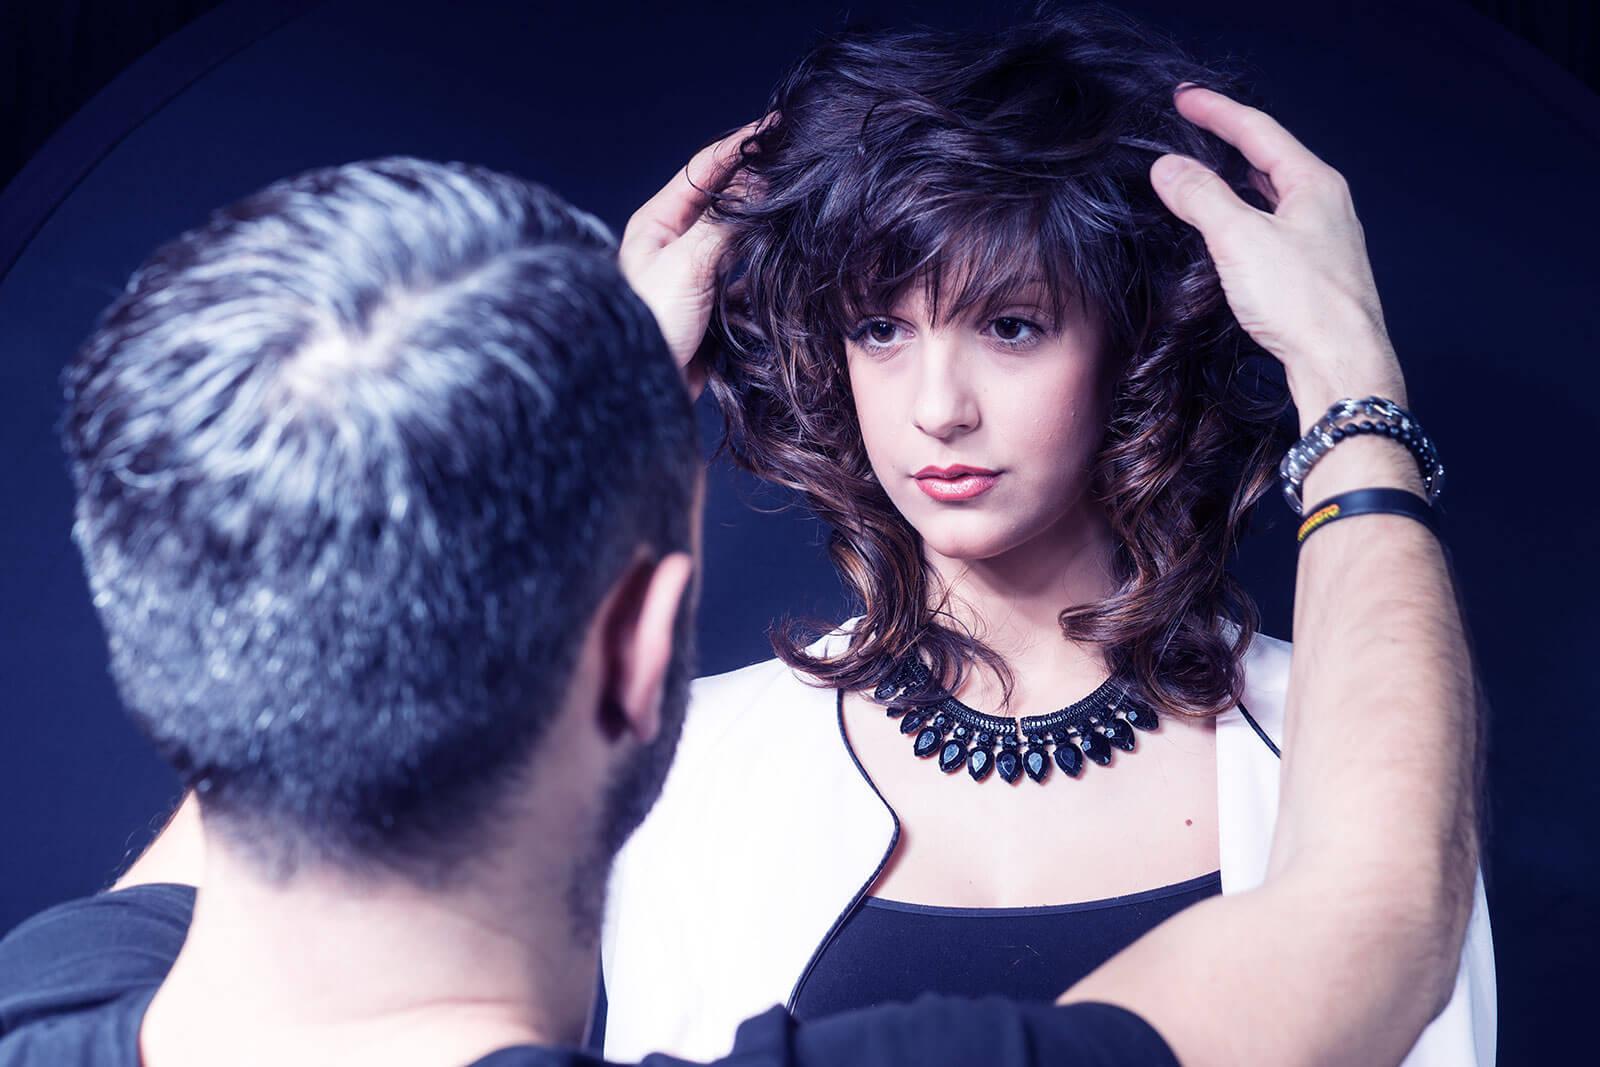 imago-equipe-sebastiano-attardo-concepr-store-deluxe-fashion-beauty-parrucchiere-milano-piega-donna